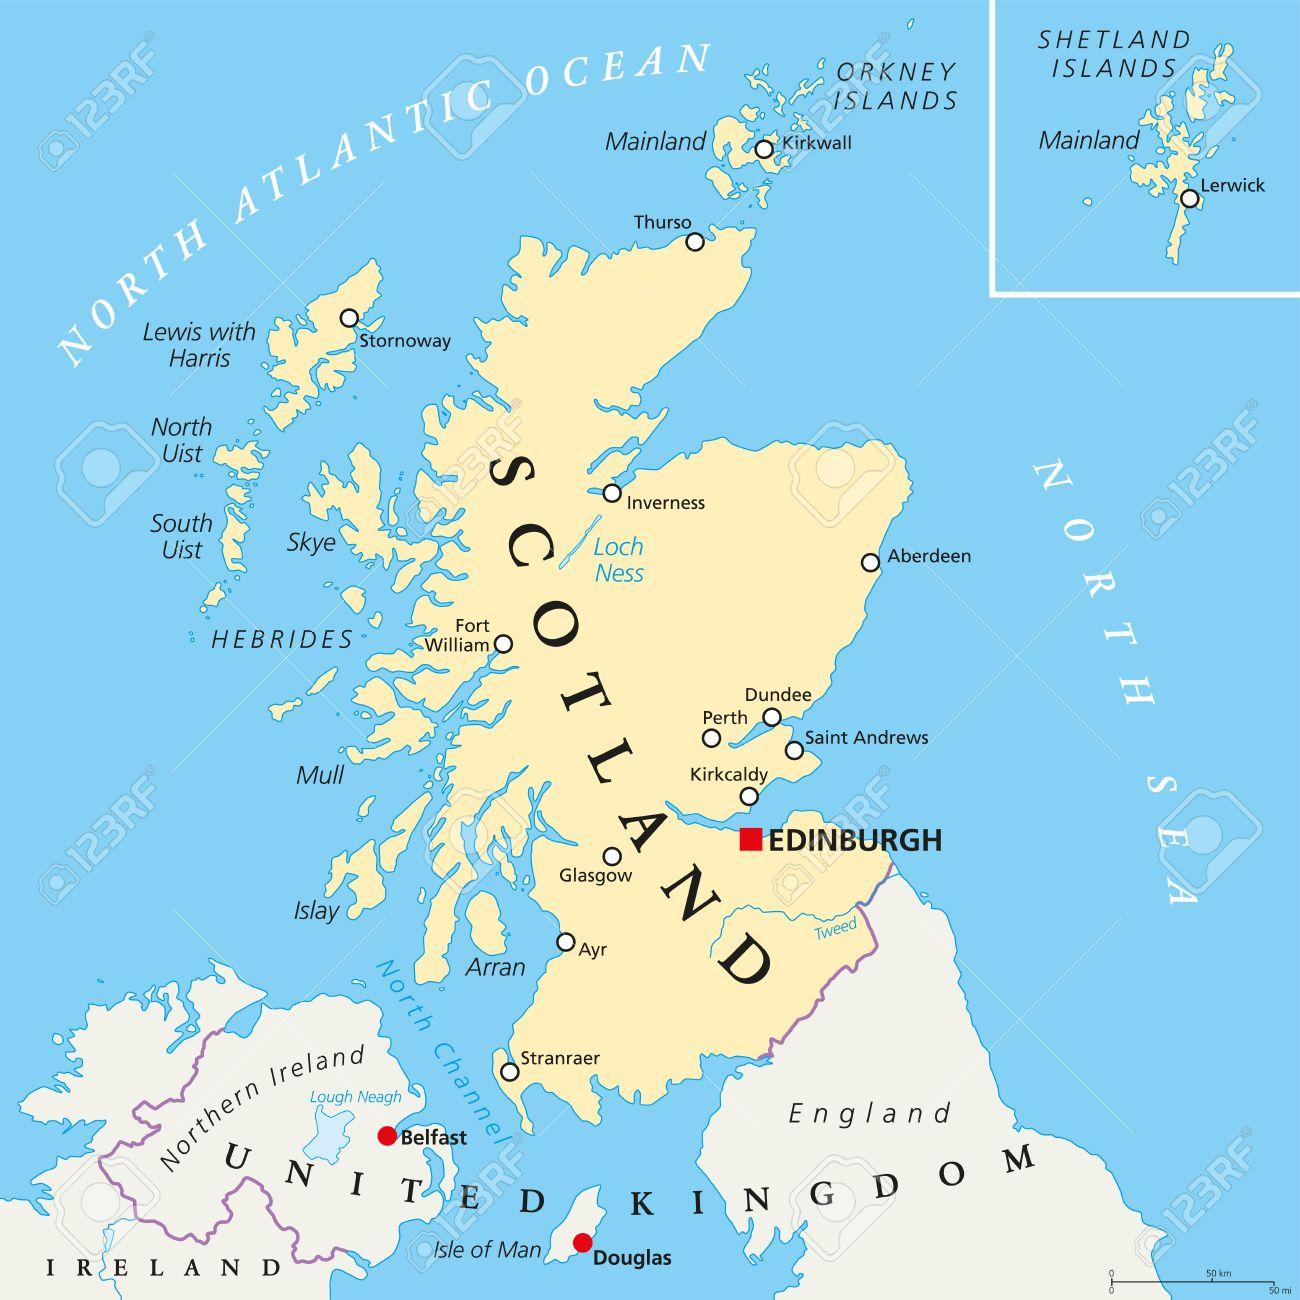 Carte Ecosse.Carte Independante Ecosse Politique Avec Le Capital D Edimbourg Les Frontieres Nationales Et Les Villes Importantes Carte Fictive De L Ecosse Comme